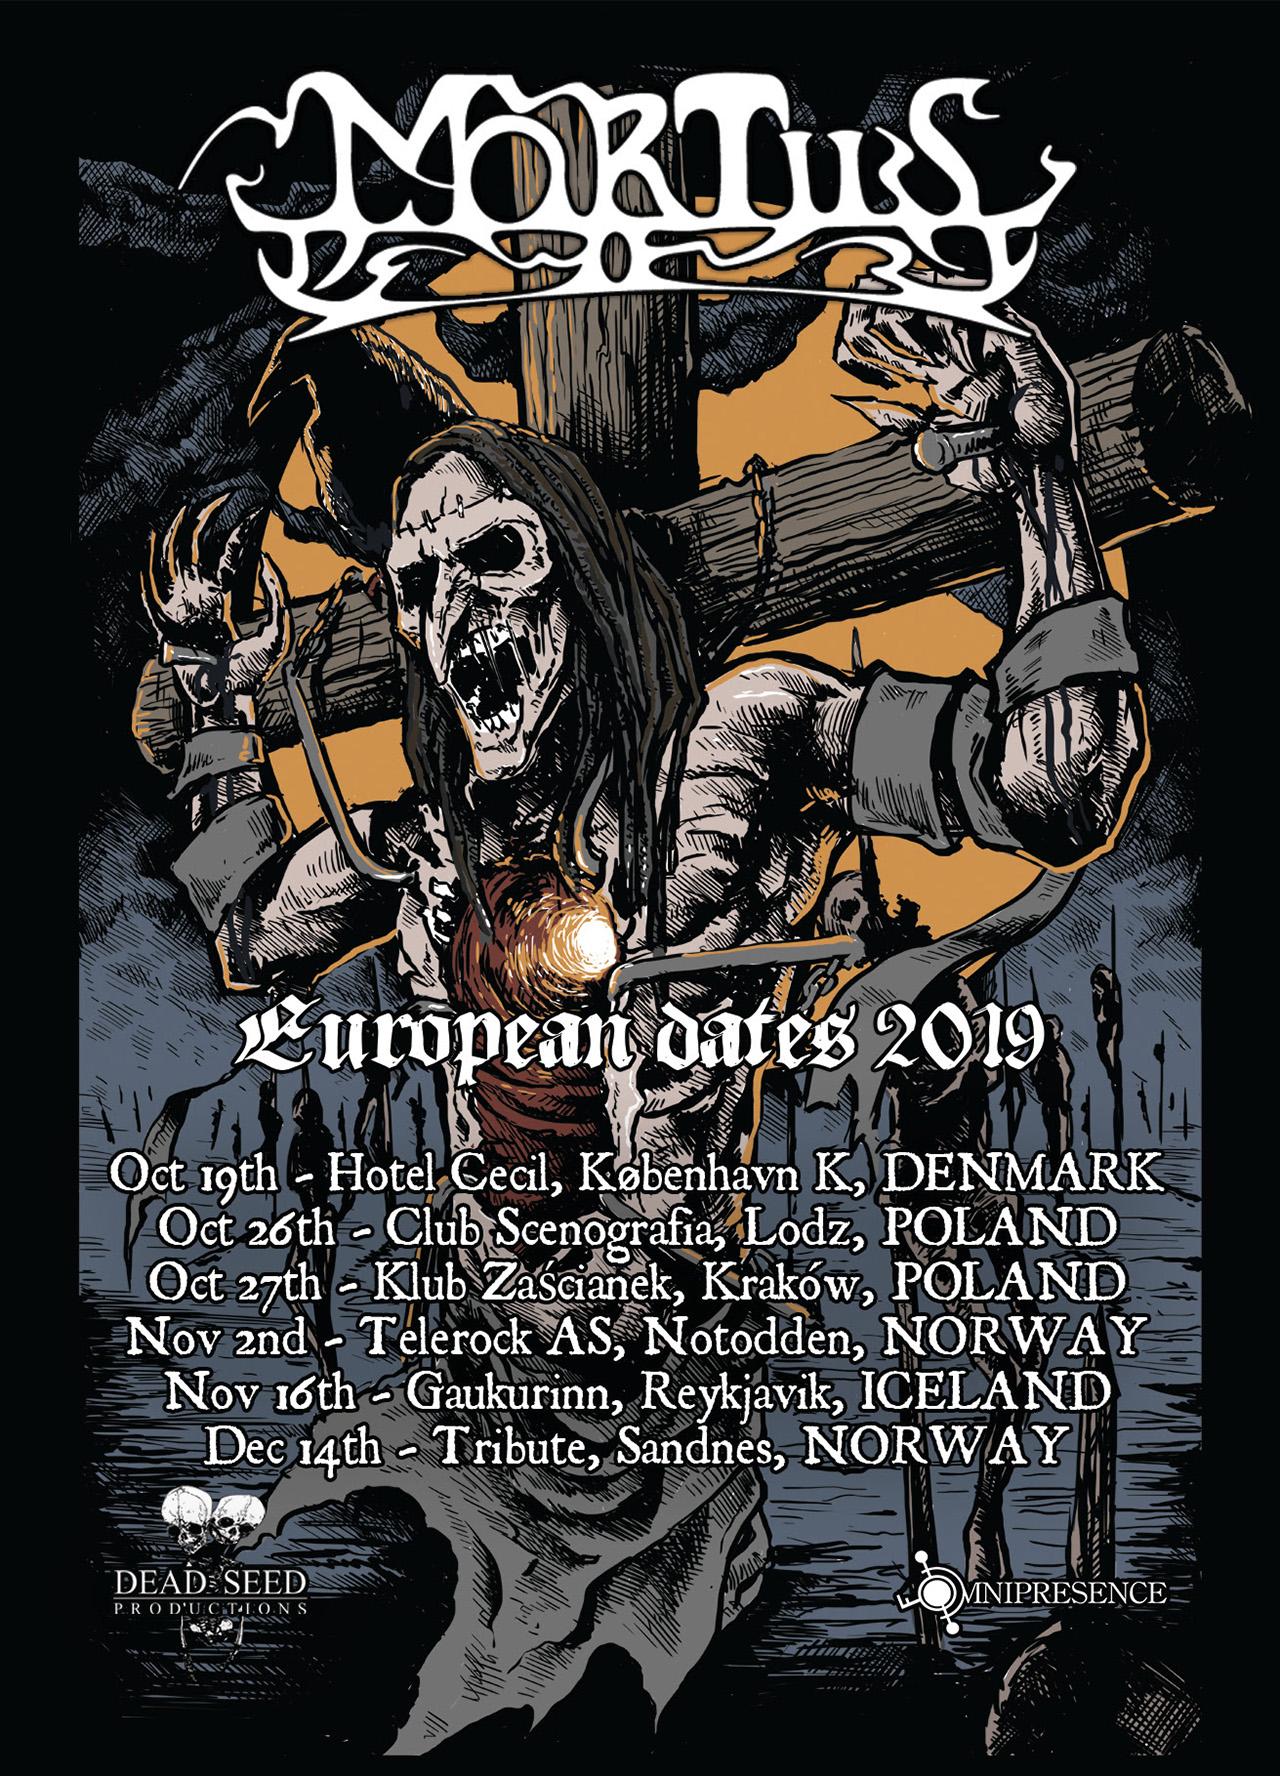 Mortiis returns with new album Spirit Of Rebellion   Louder